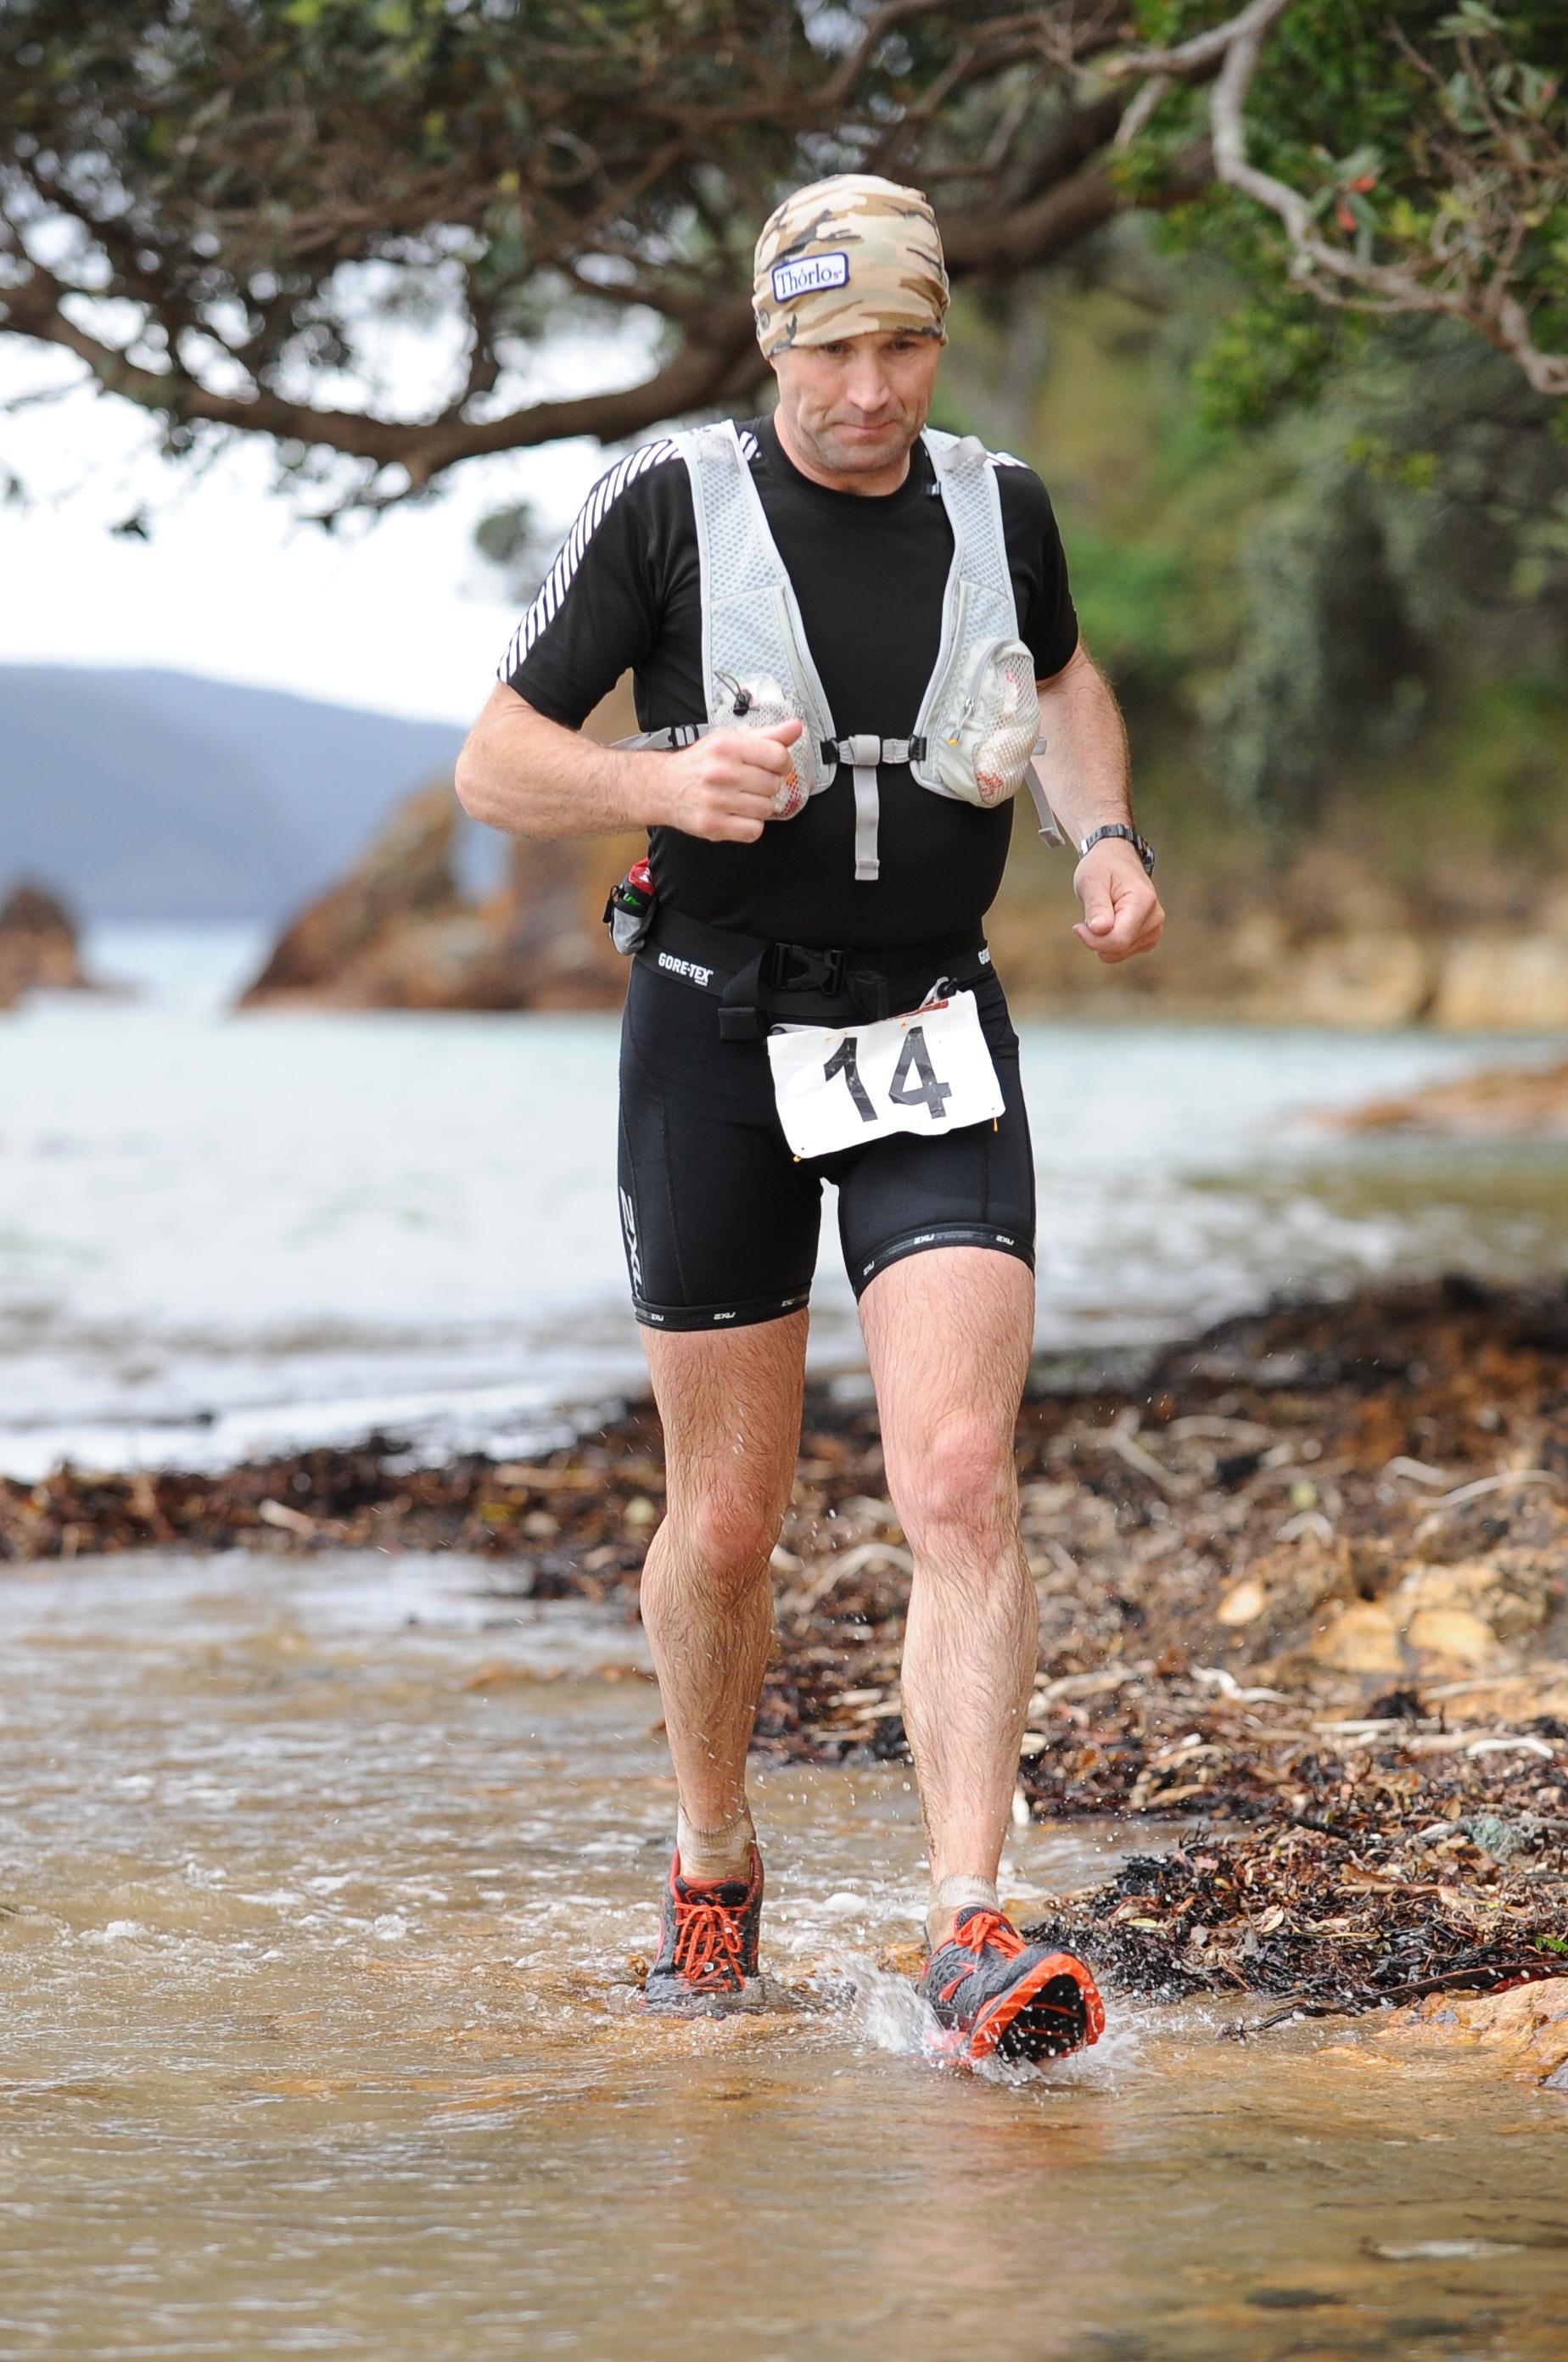 Russell Maylin running the Kauri Ultra Marathon.